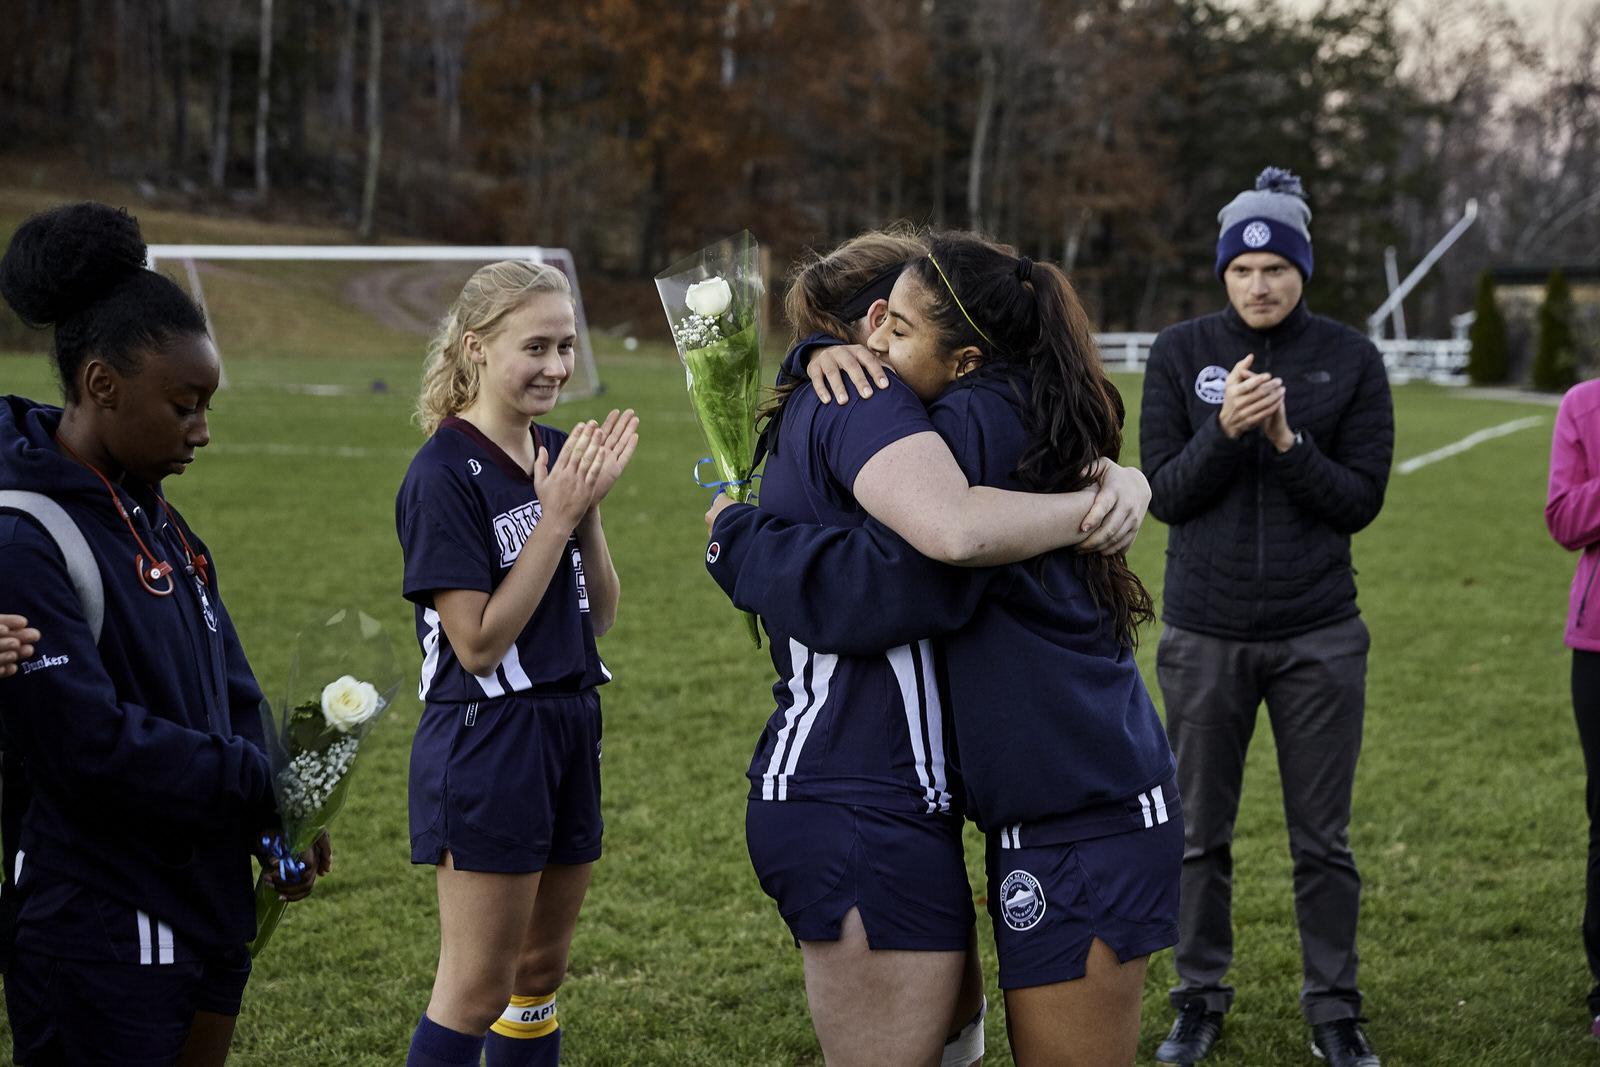 Girls Varsity Soccer vs. White Mountain School - November 7, 2018 - Nov 07 2018 - 0068.jpg